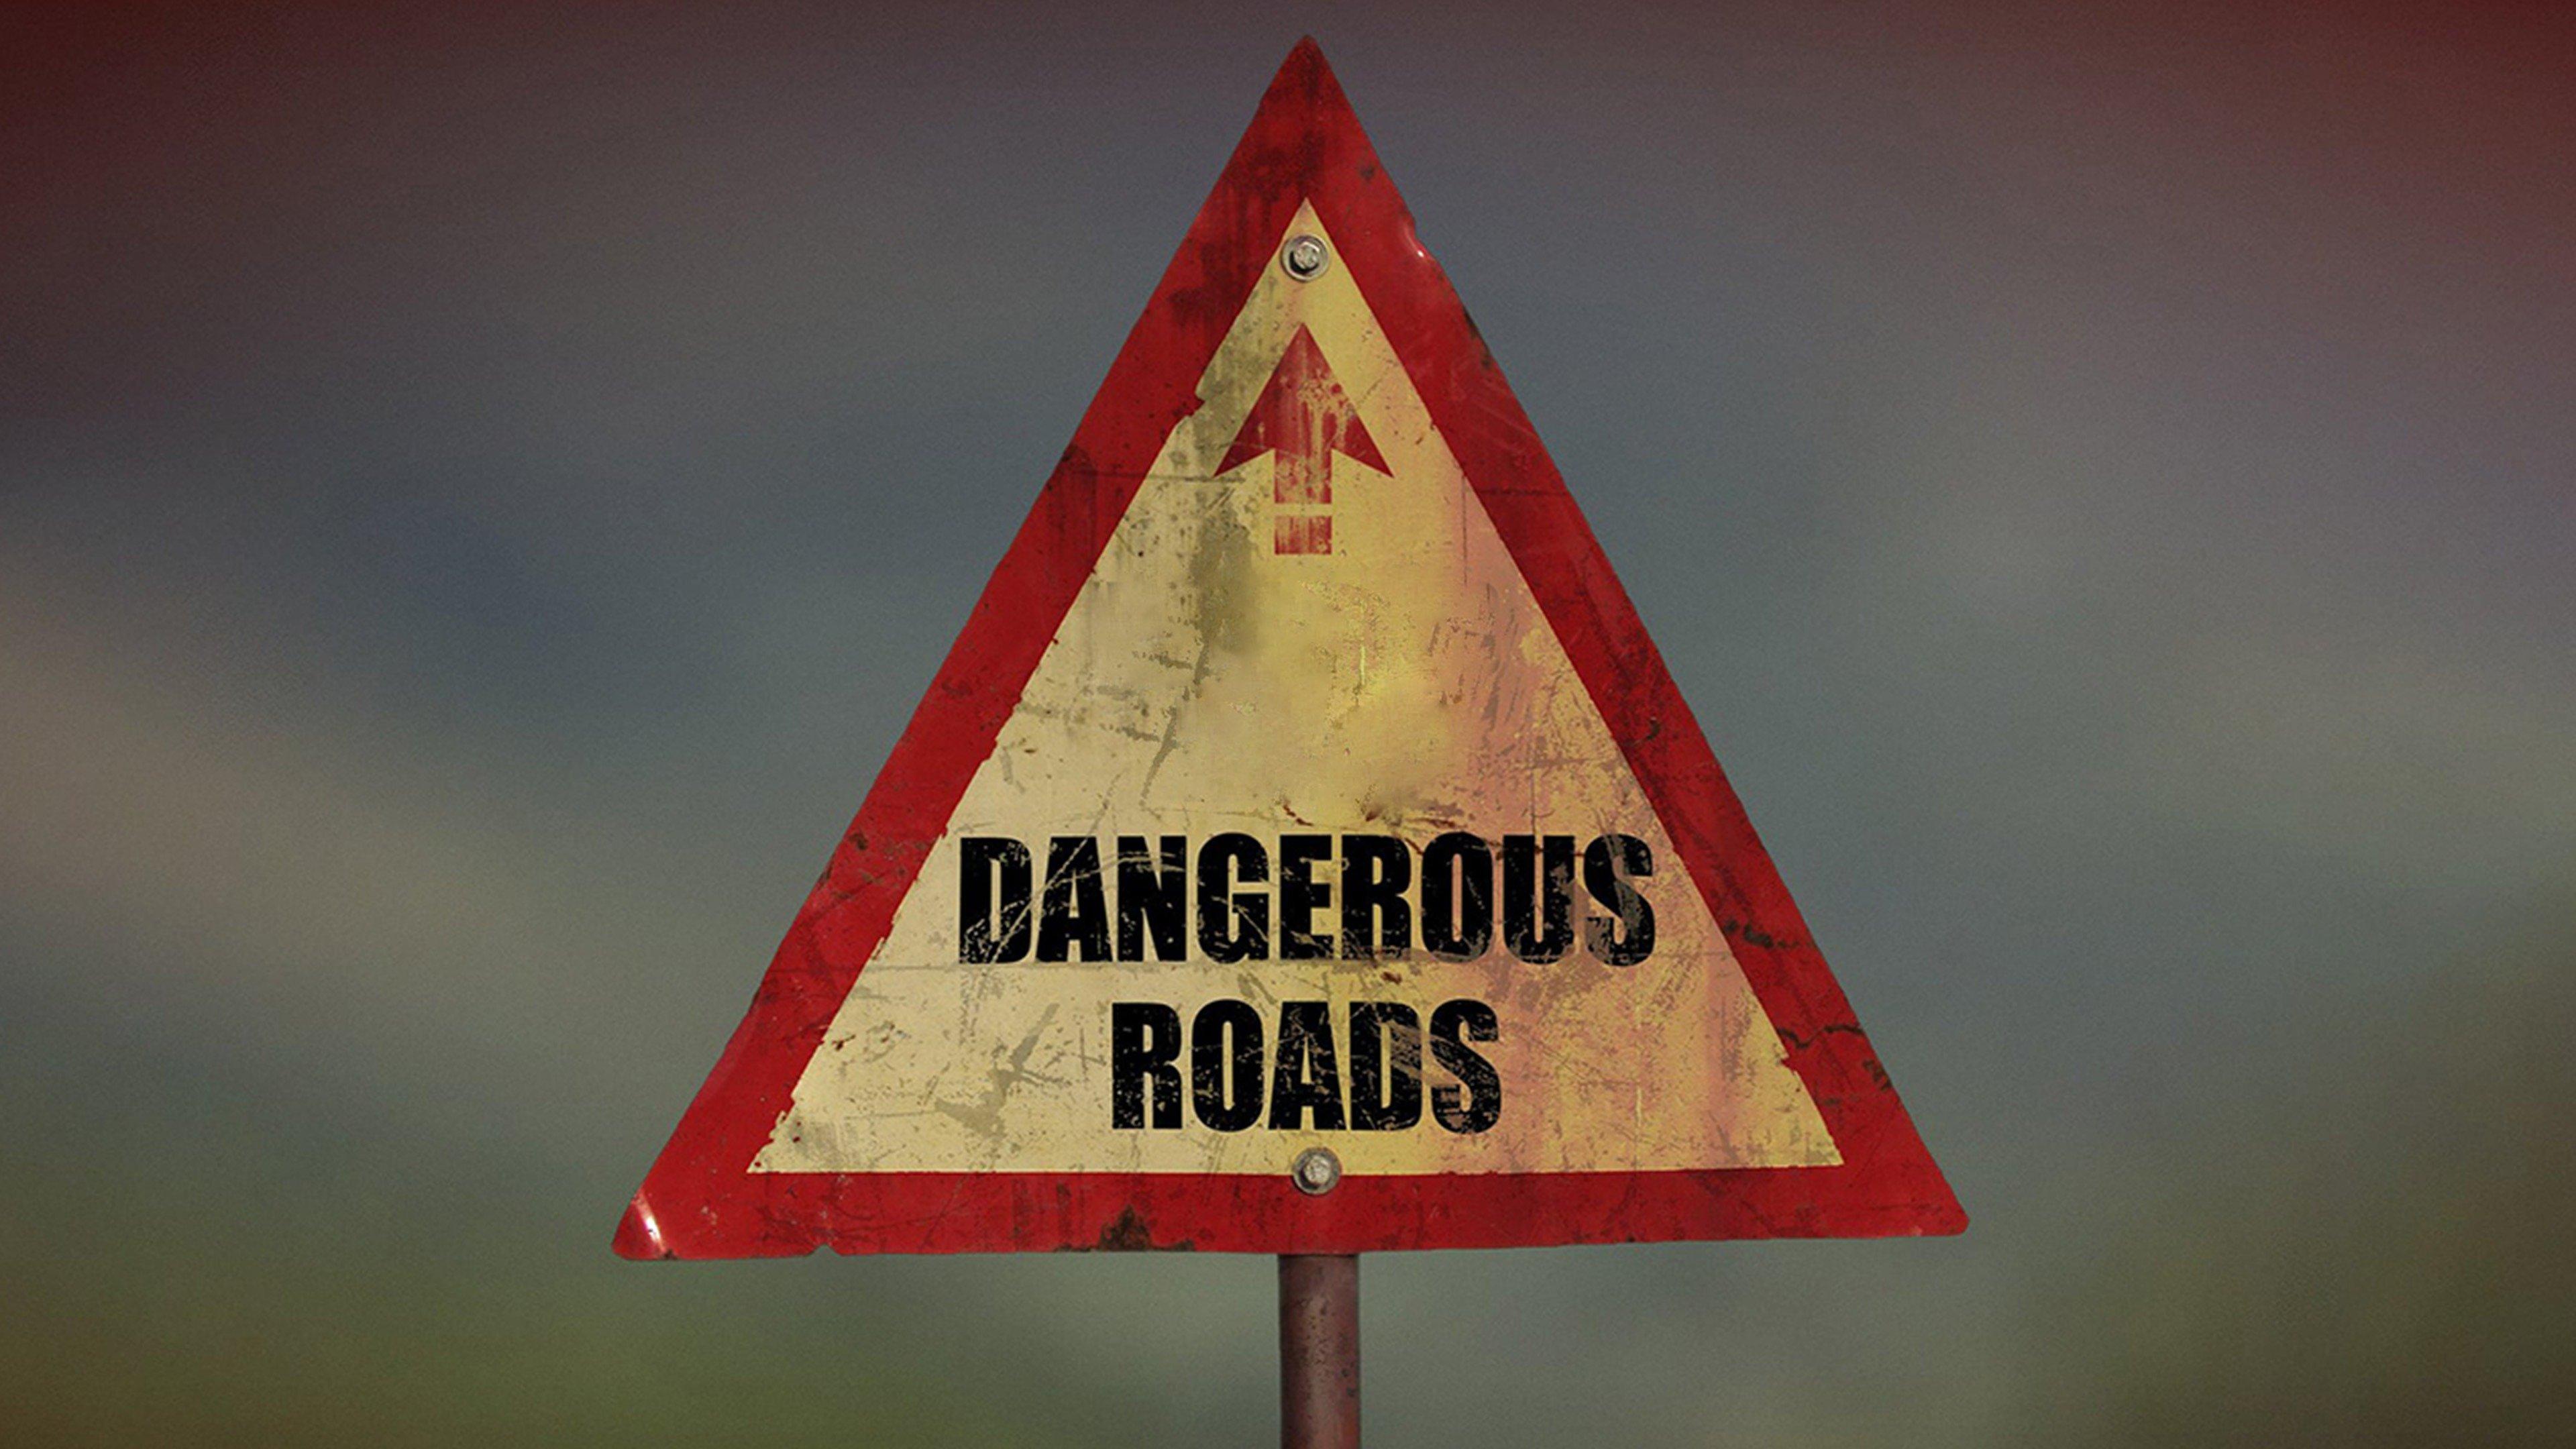 Dangerous Roads